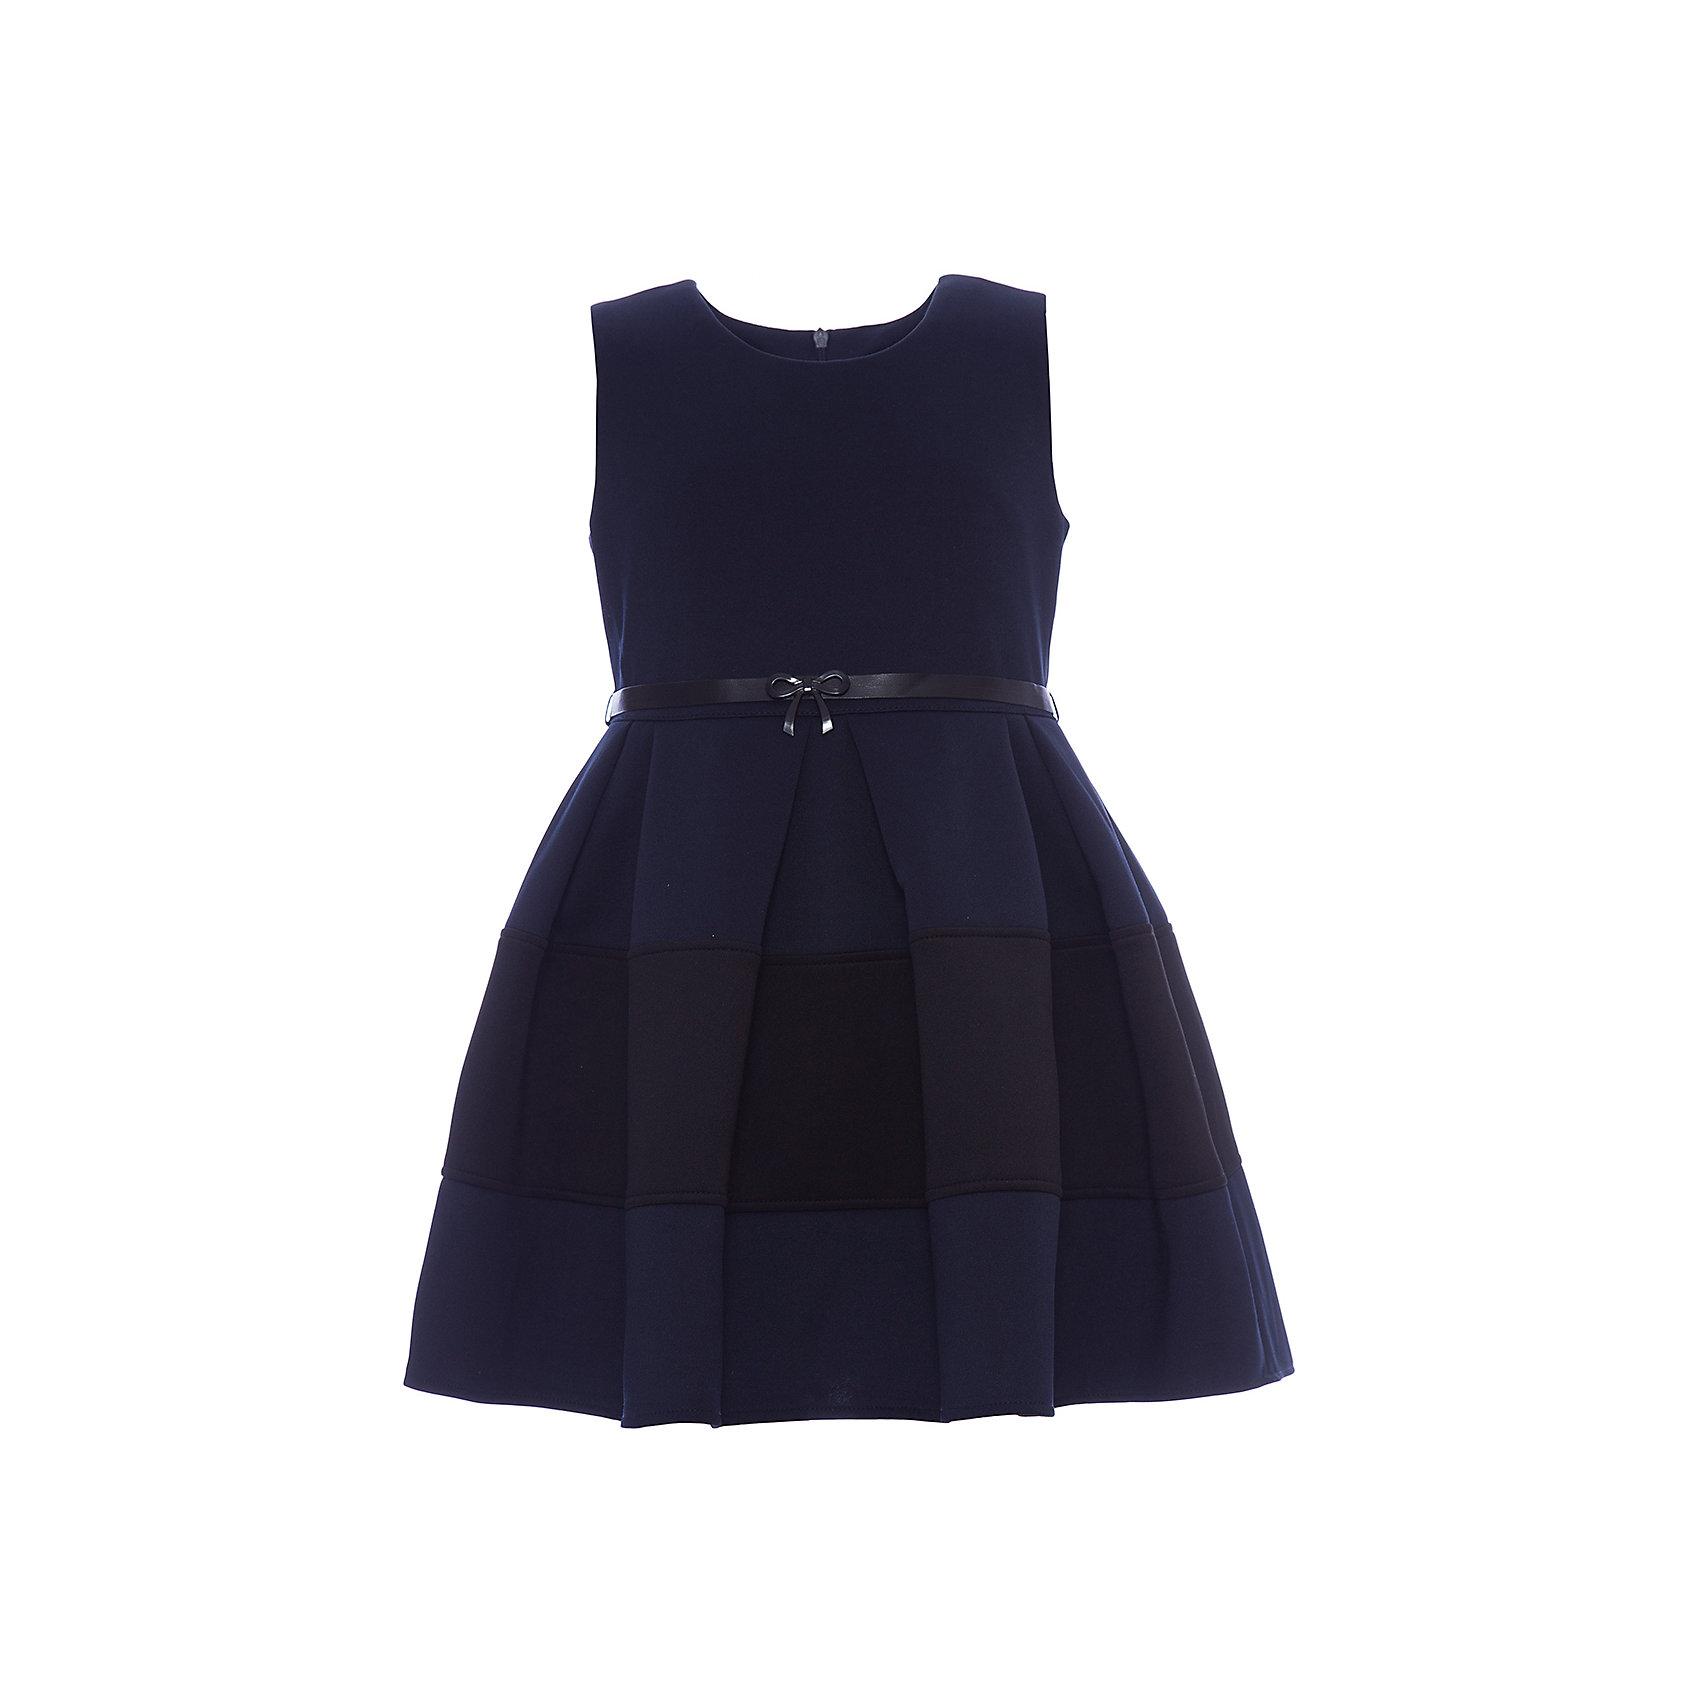 Платье для девочки WojcikОдежда<br>Характеристики товара:<br><br>• цвет: синий<br>• состав ткани: полиэстер 80%, хлопок 20%<br>• особенности: школьная<br>• застежка: молния<br>• сезон: круглый год<br>• страна бренда: Польша<br>• страна изготовитель: Польша<br><br>Данная модель одежды для школы сделана из качественного материала, есть подкладка. Синее платье для девочки Wojcik - удобная и модная школьная одежда. <br><br>Платье для девочки Войчик отличается модным кроем, пышным силуэтом. Польская одежда для детей от бренда Войчик - это качественные и стильные вещи.<br><br>Платье для девочки Wojcik (Войчик) можно купить в нашем интернет-магазине.<br><br>Ширина мм: 236<br>Глубина мм: 16<br>Высота мм: 184<br>Вес г: 177<br>Цвет: темно-синий<br>Возраст от месяцев: 144<br>Возраст до месяцев: 156<br>Пол: Женский<br>Возраст: Детский<br>Размер: 158,122,116,128,134,140,146,152<br>SKU: 5589614